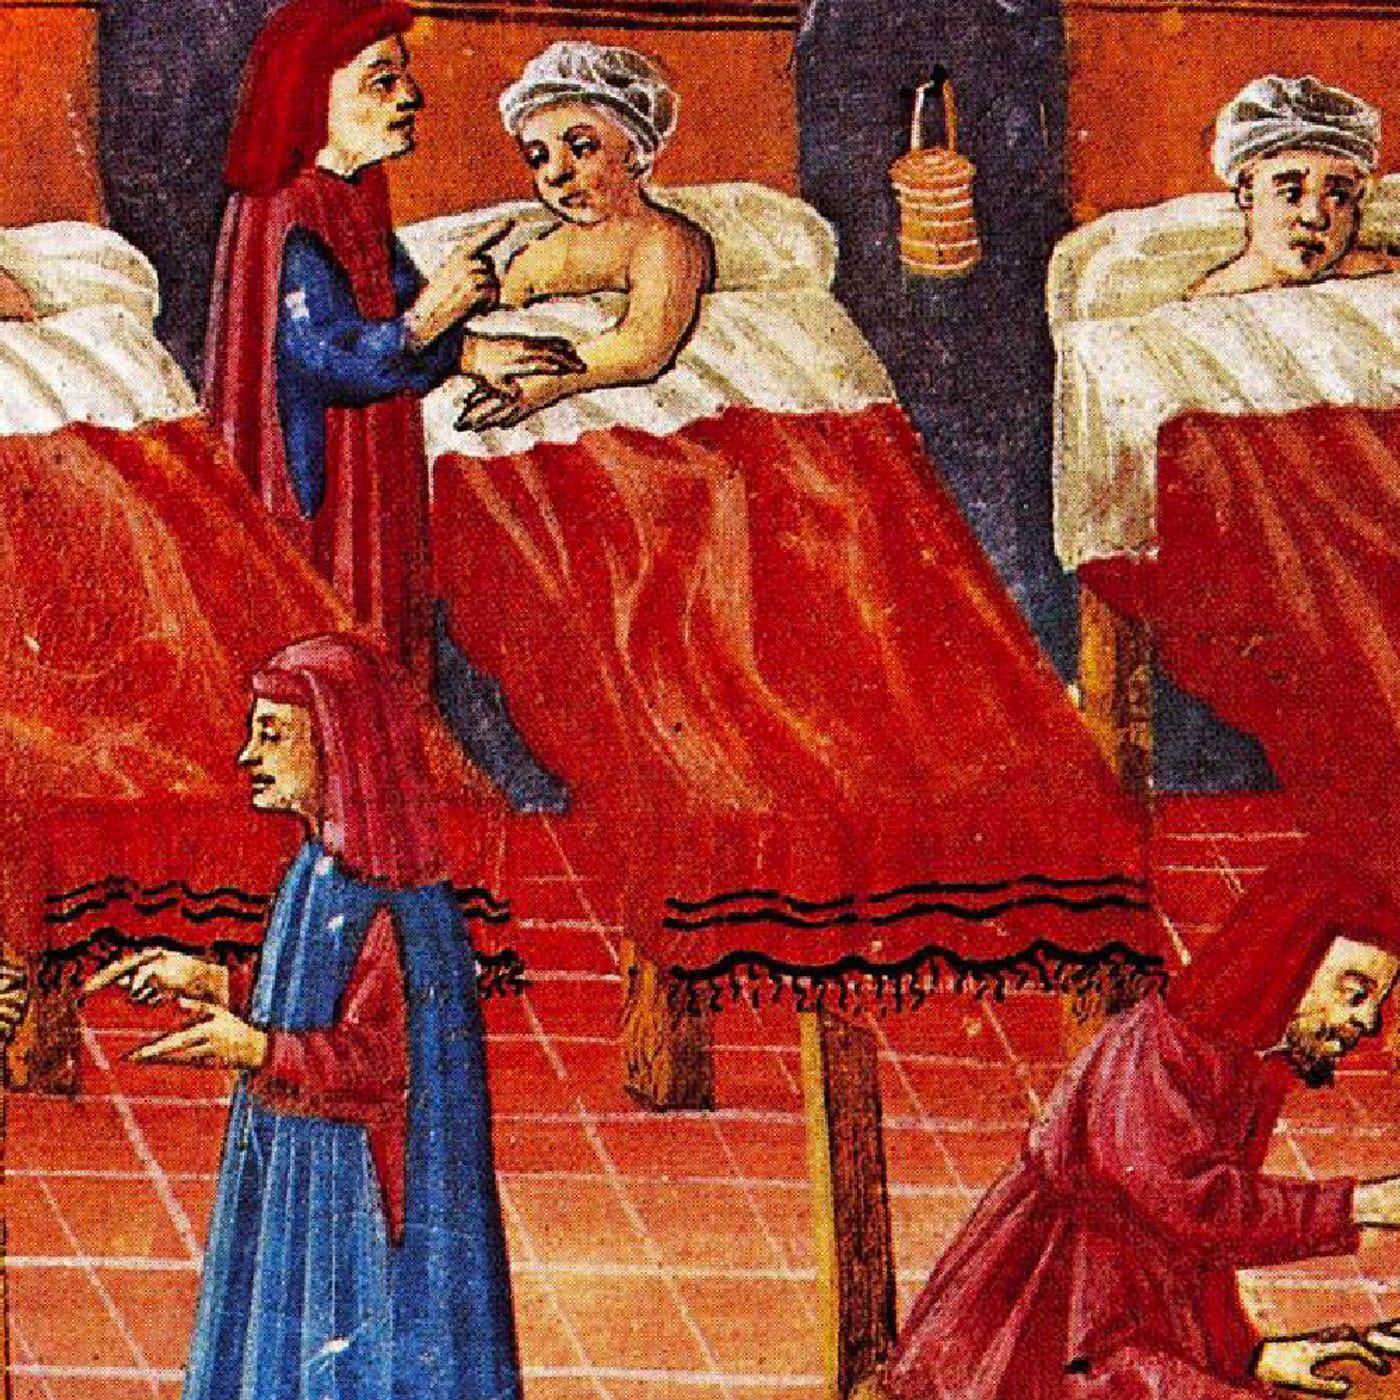 La peste nella storia - ExtraBarbero (Attraverso Festival, 2020)